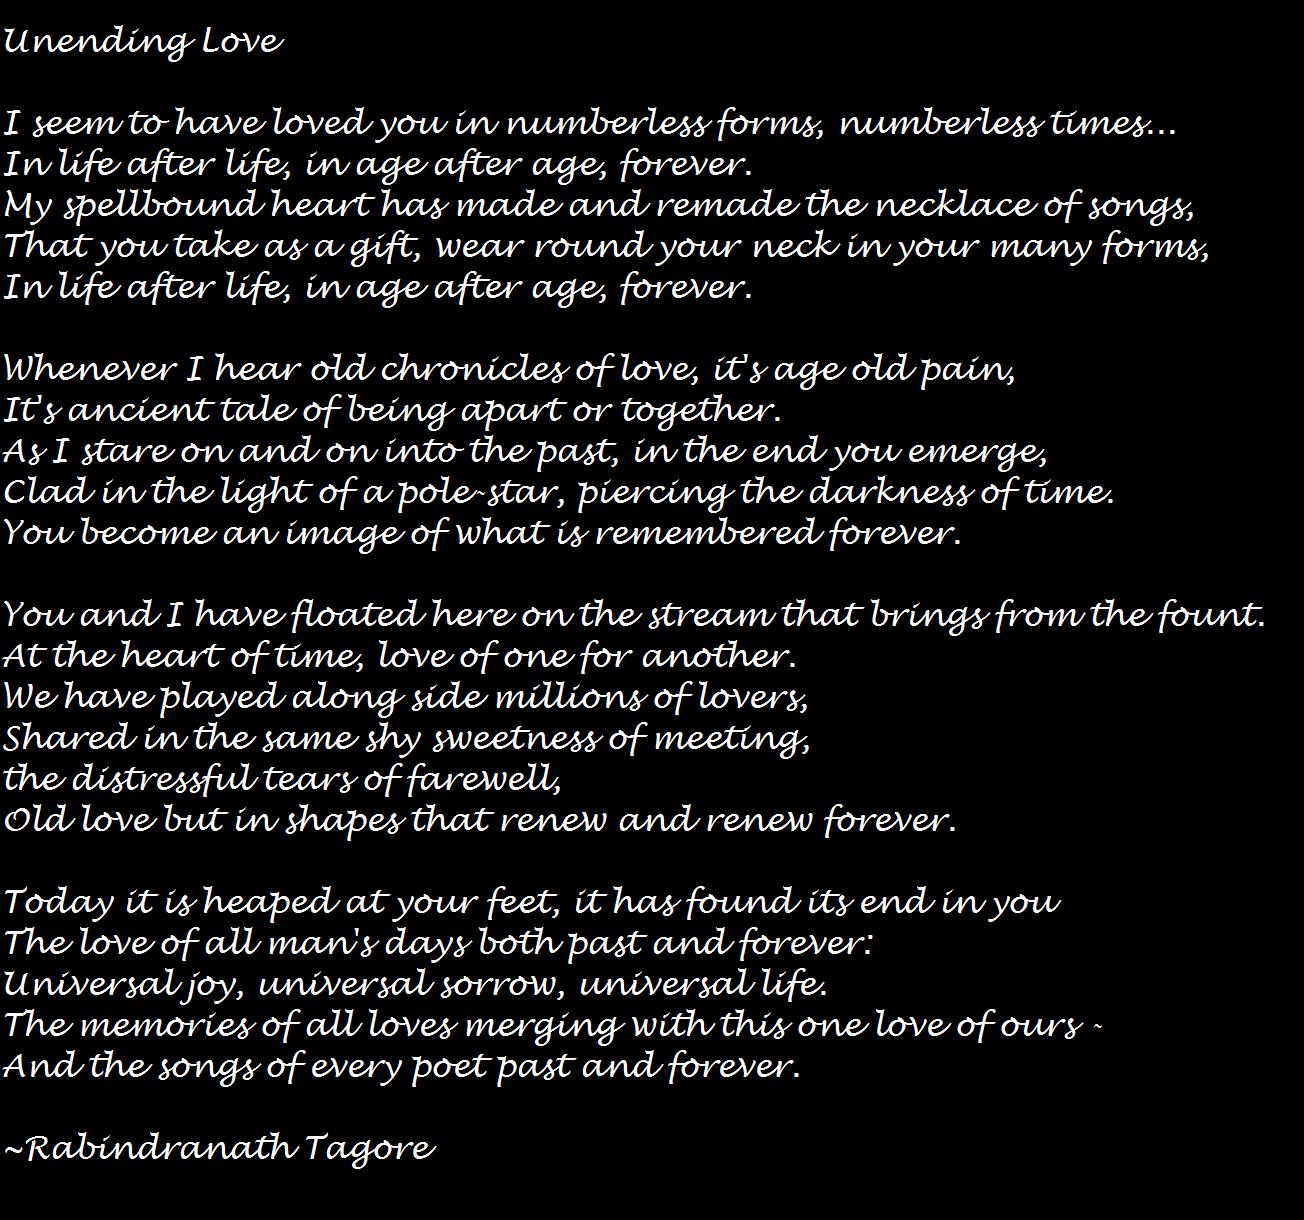 Unending Love Rabindranath Tagore